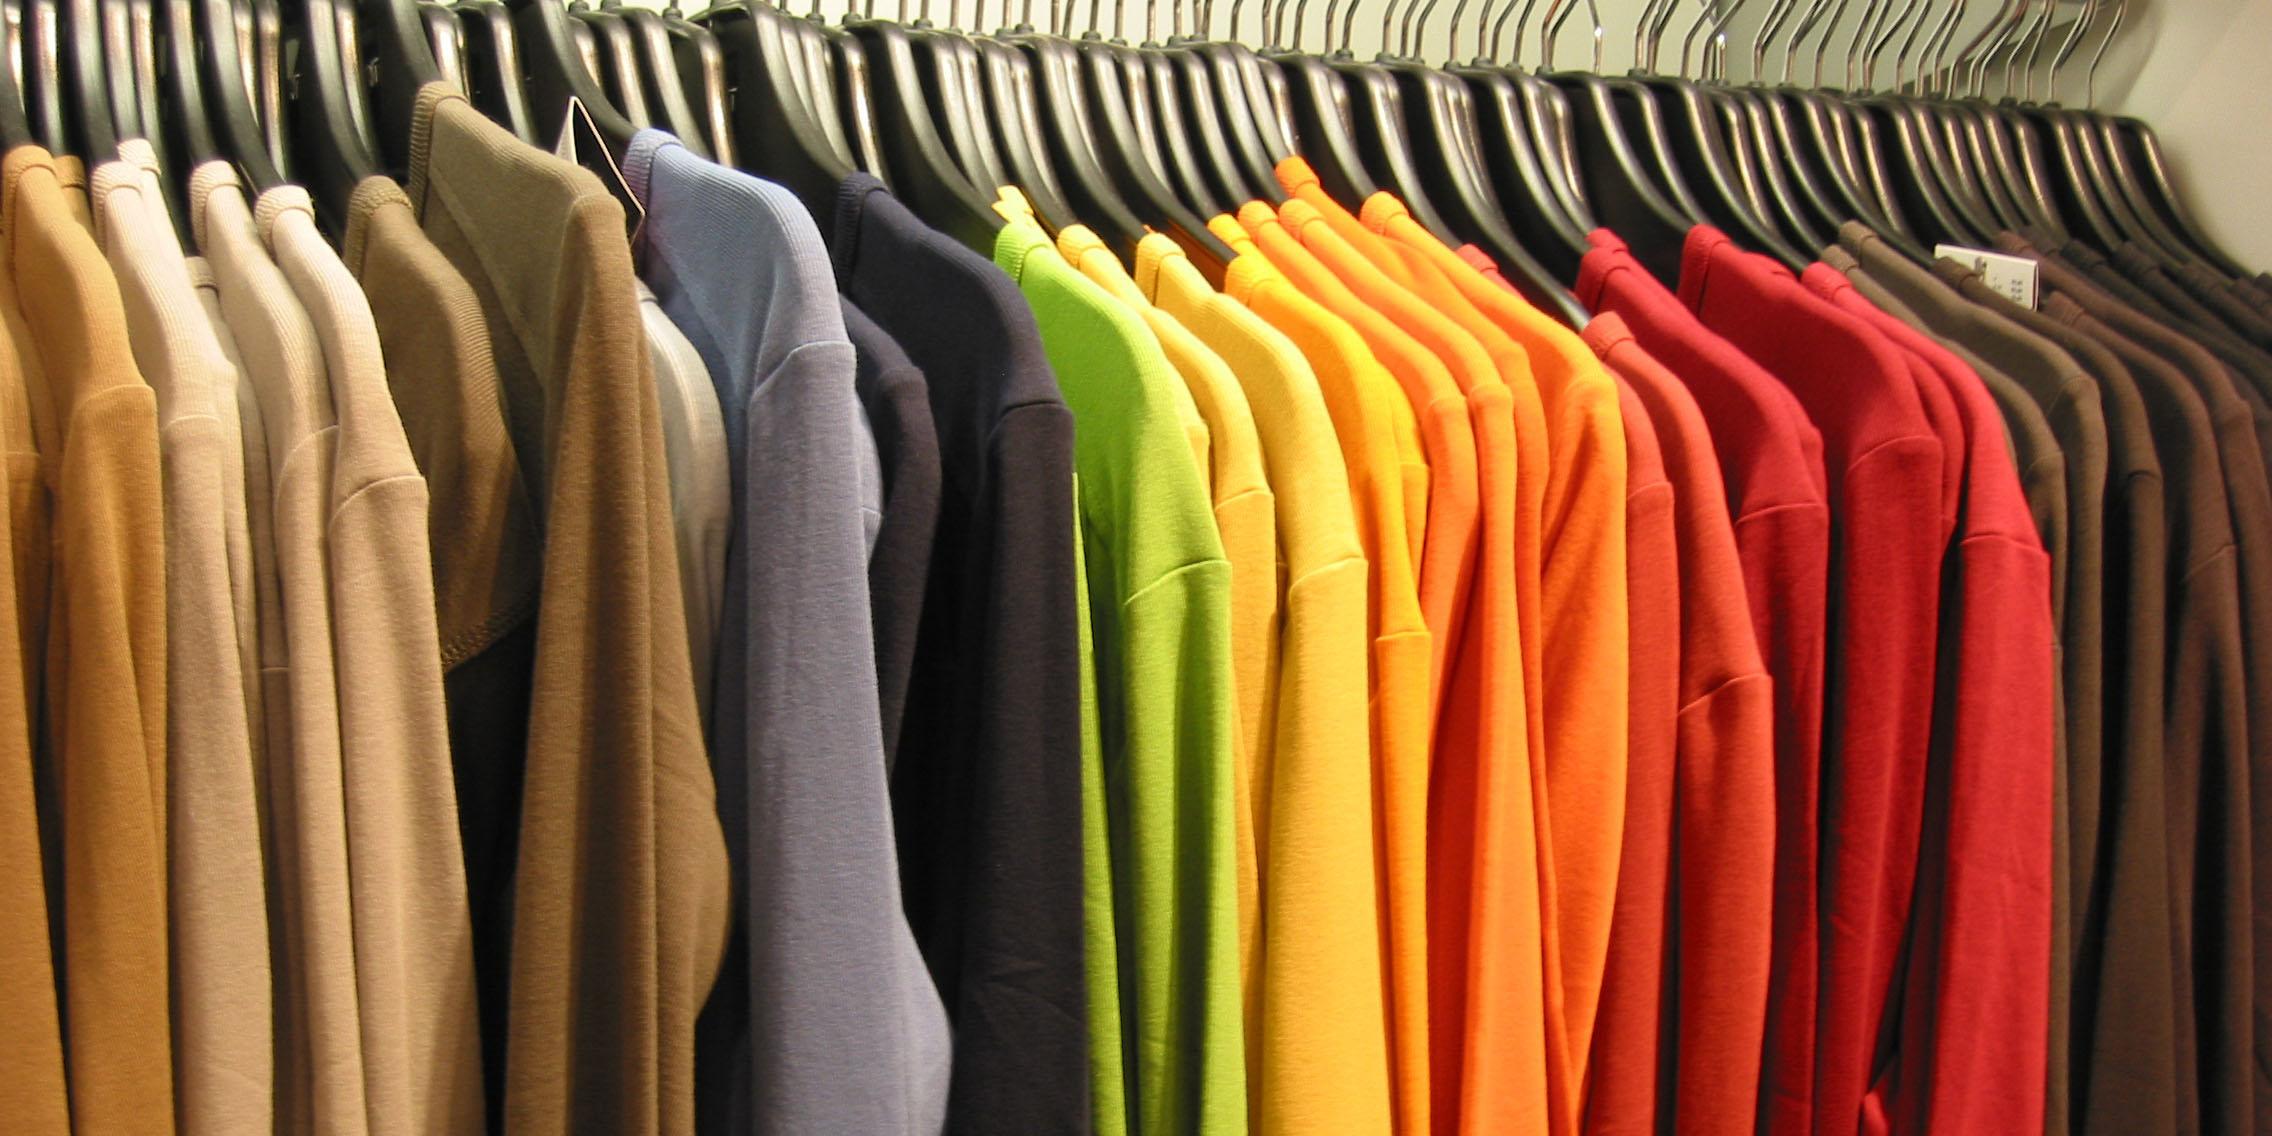 آخرین وضعیت واردات پوشاک به ایران